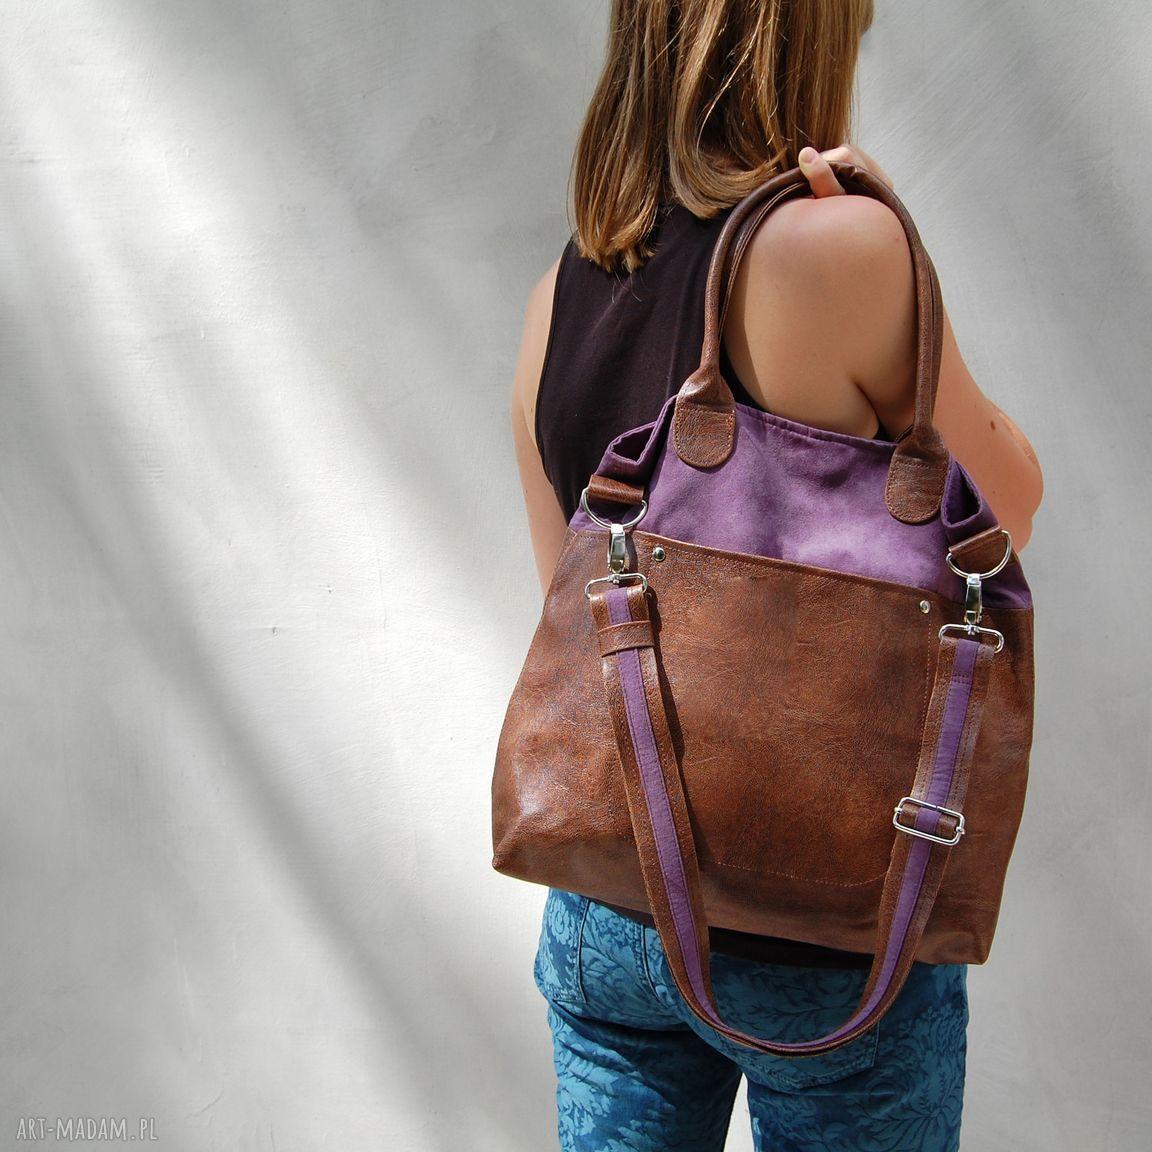 brązowe na ramię wygodna fiella - duża torba zgaszony